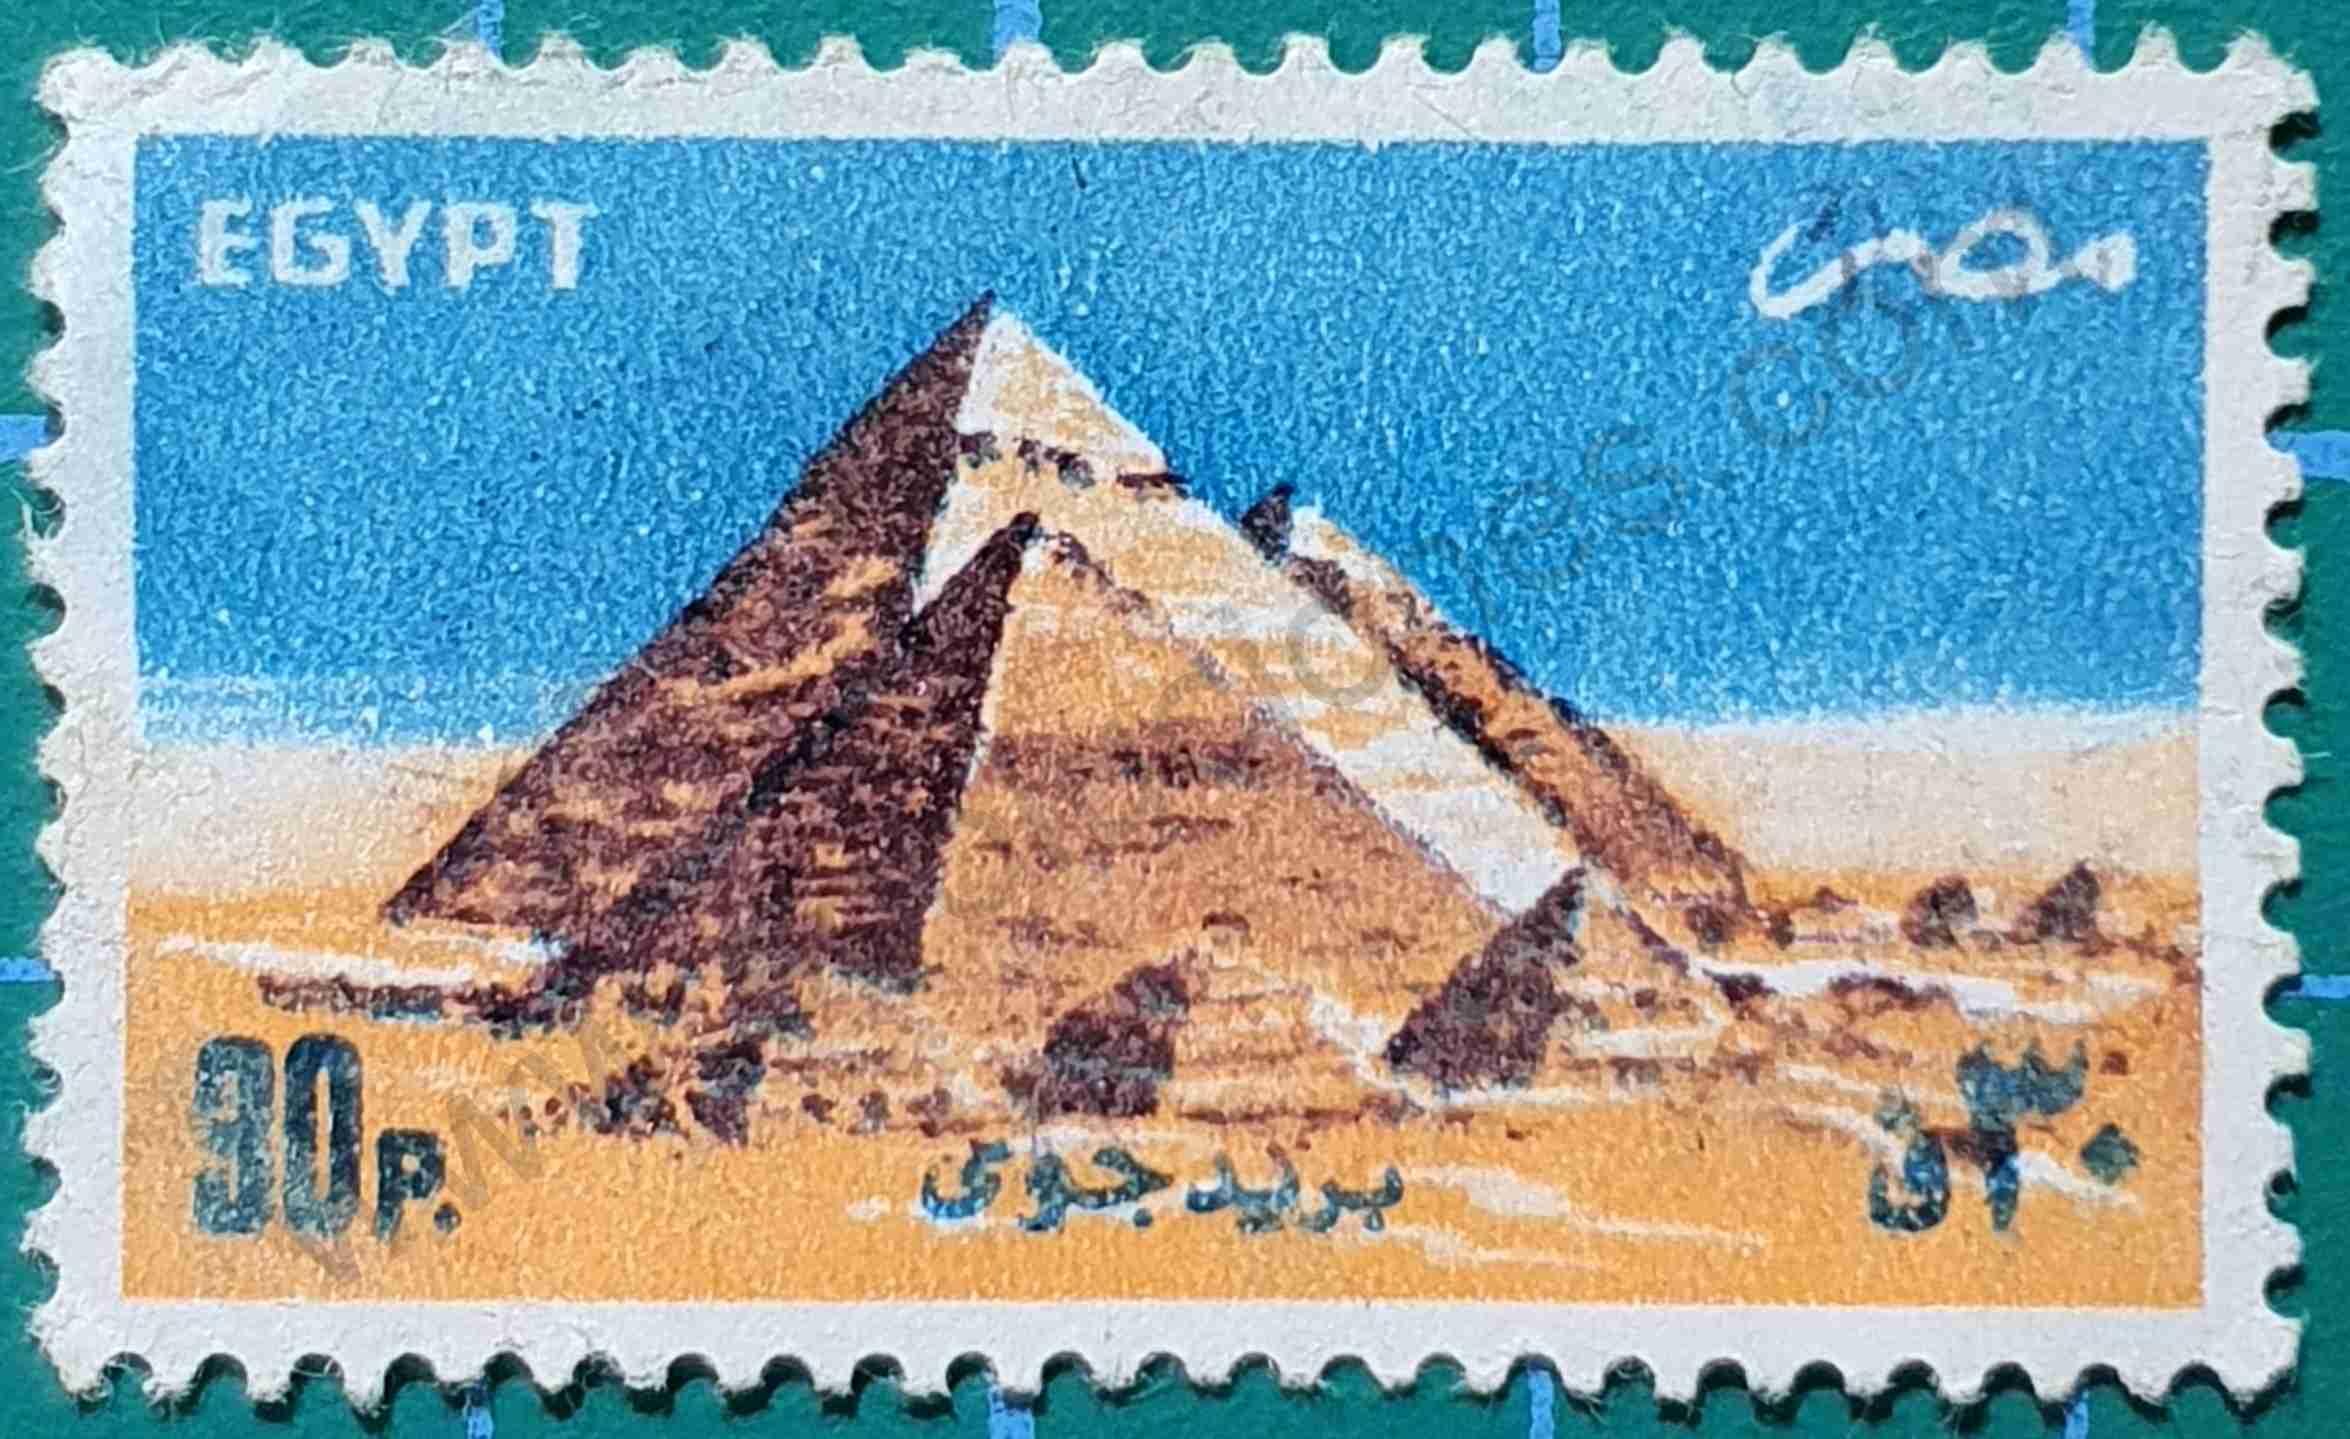 Pirámides de Giza - Sello Egipto 1987